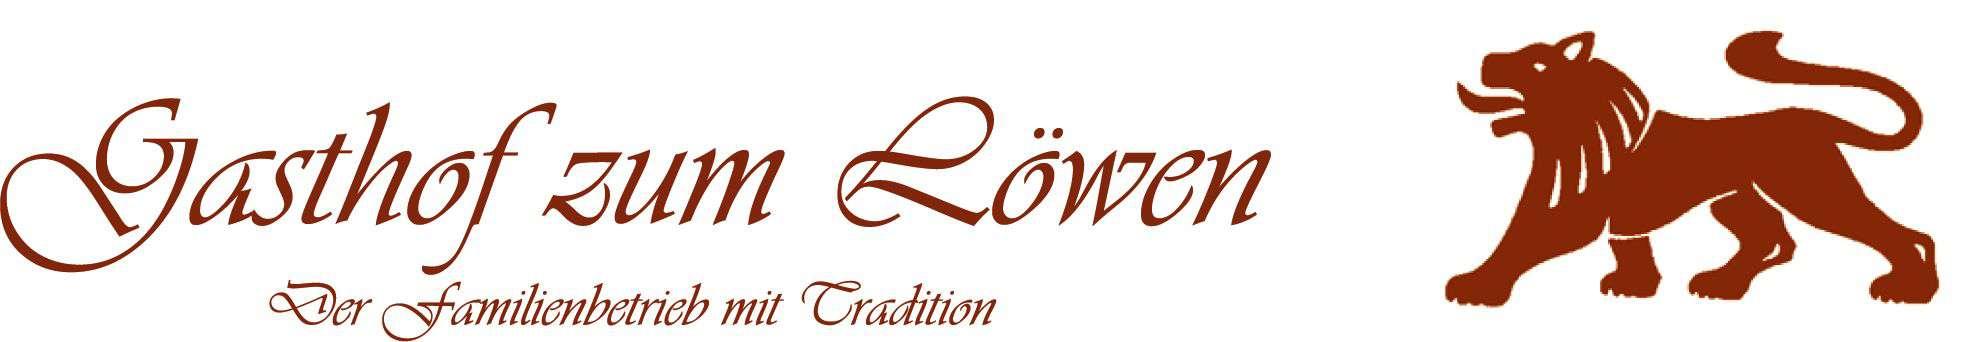 Logo des Gasthof zum Löwen mit Schriftzug